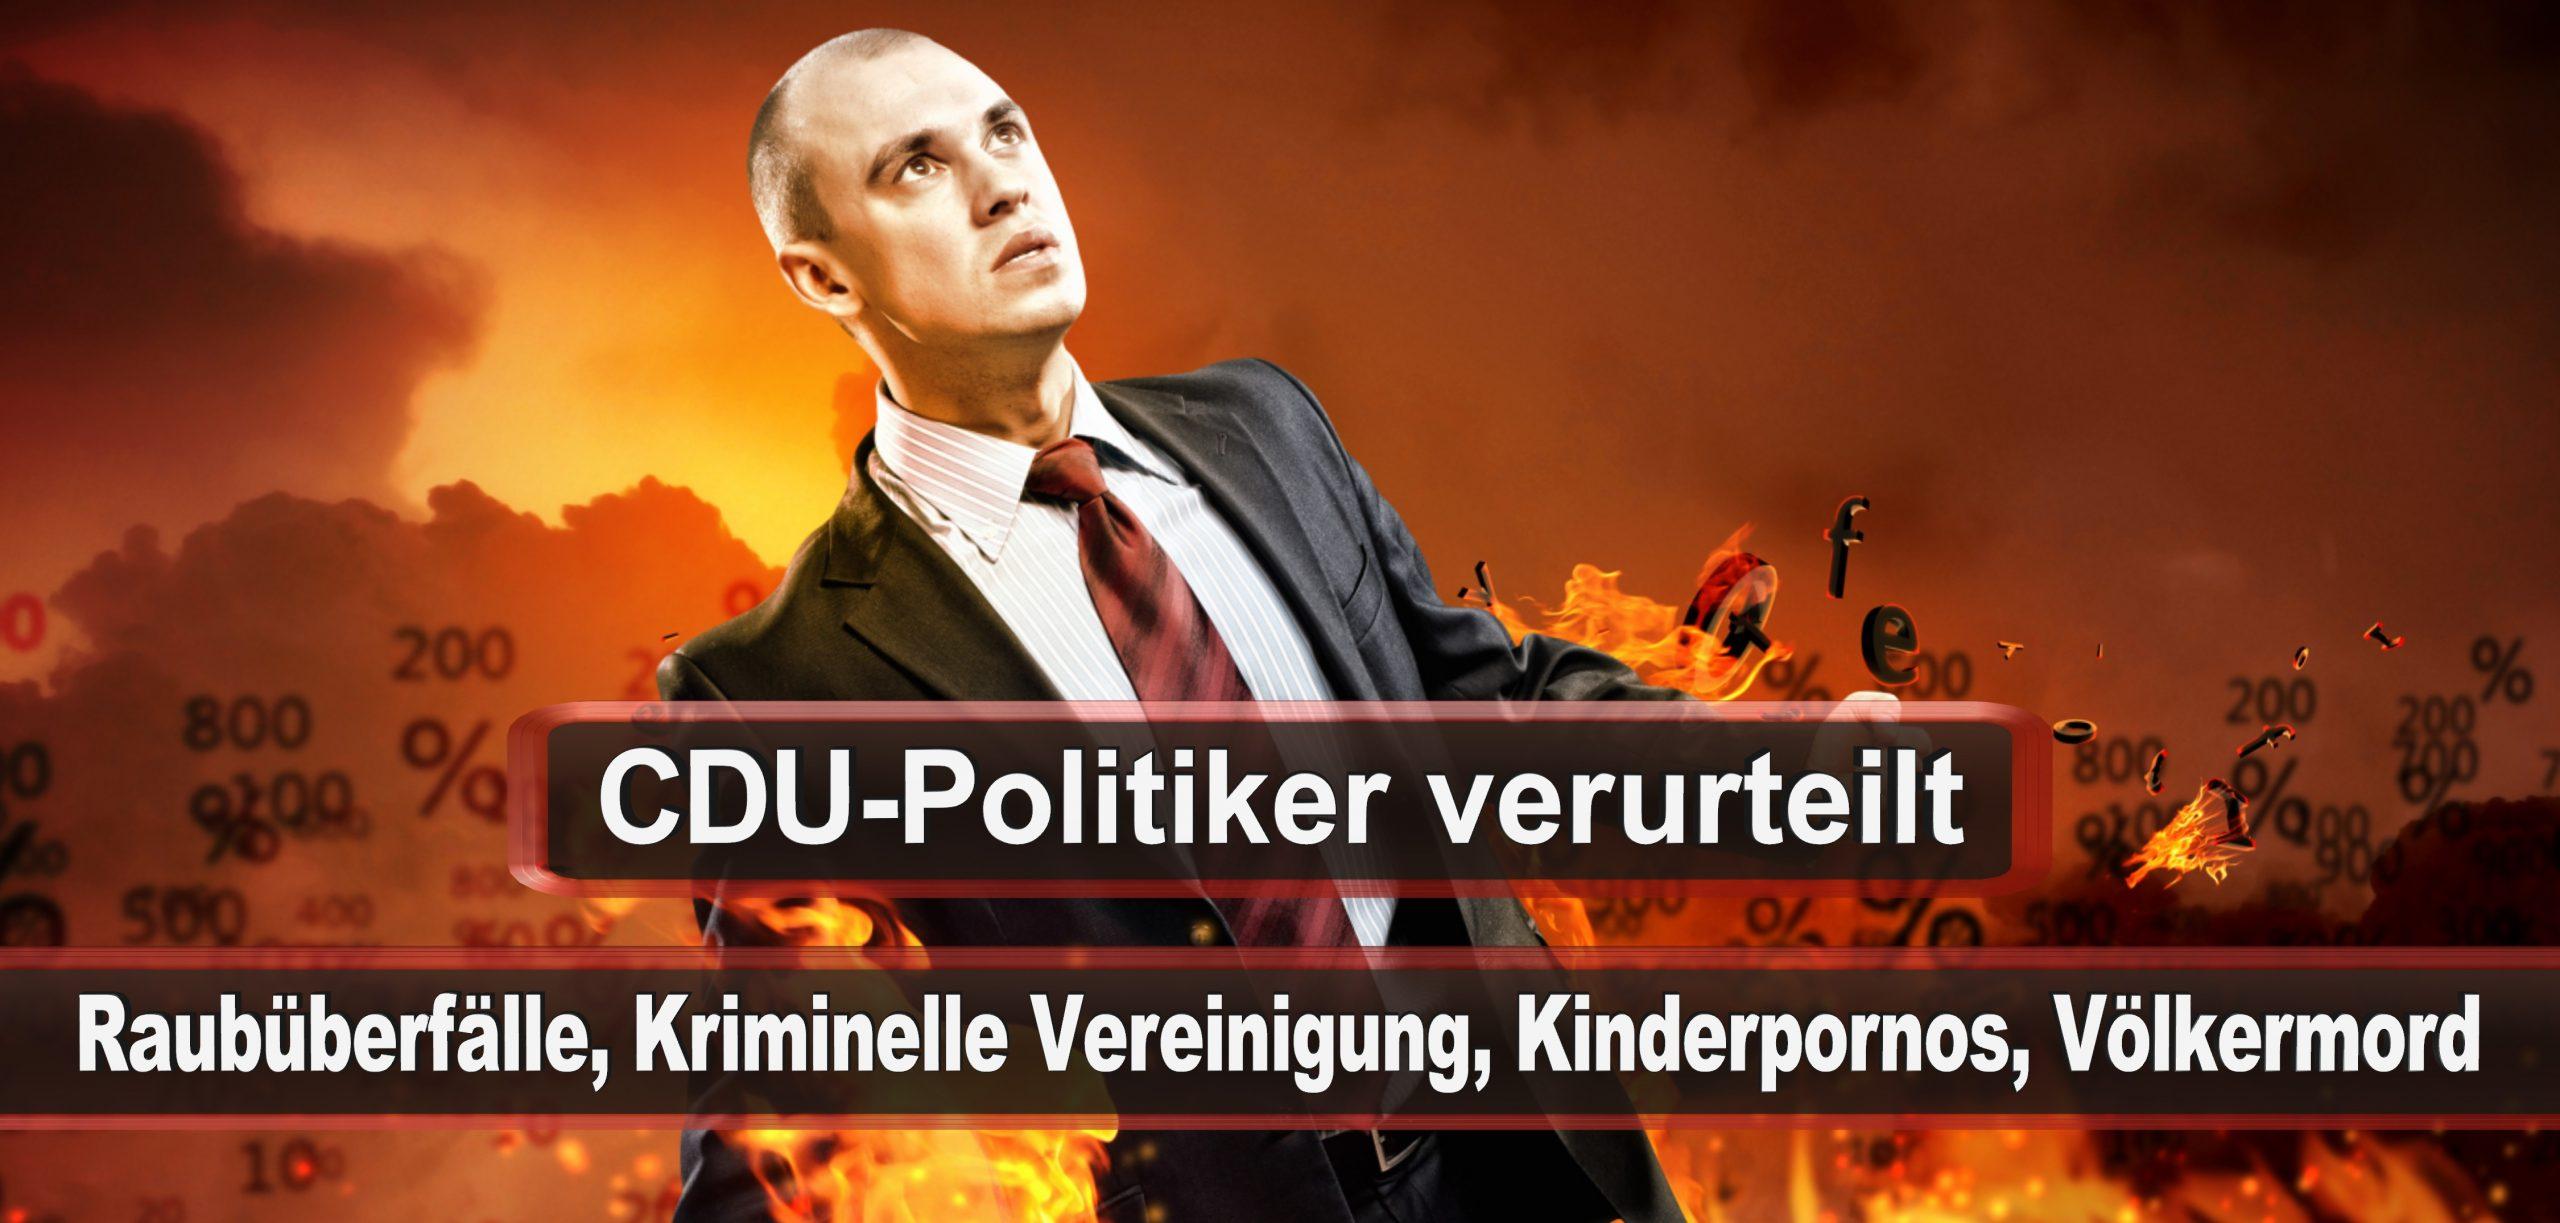 Bundestagswahl 2021 Wahlplakate CDU SPD FDP AFD Grüne Linke Stimmzettel Prognose Umfrage Kandidaten Parteien Datum (49)